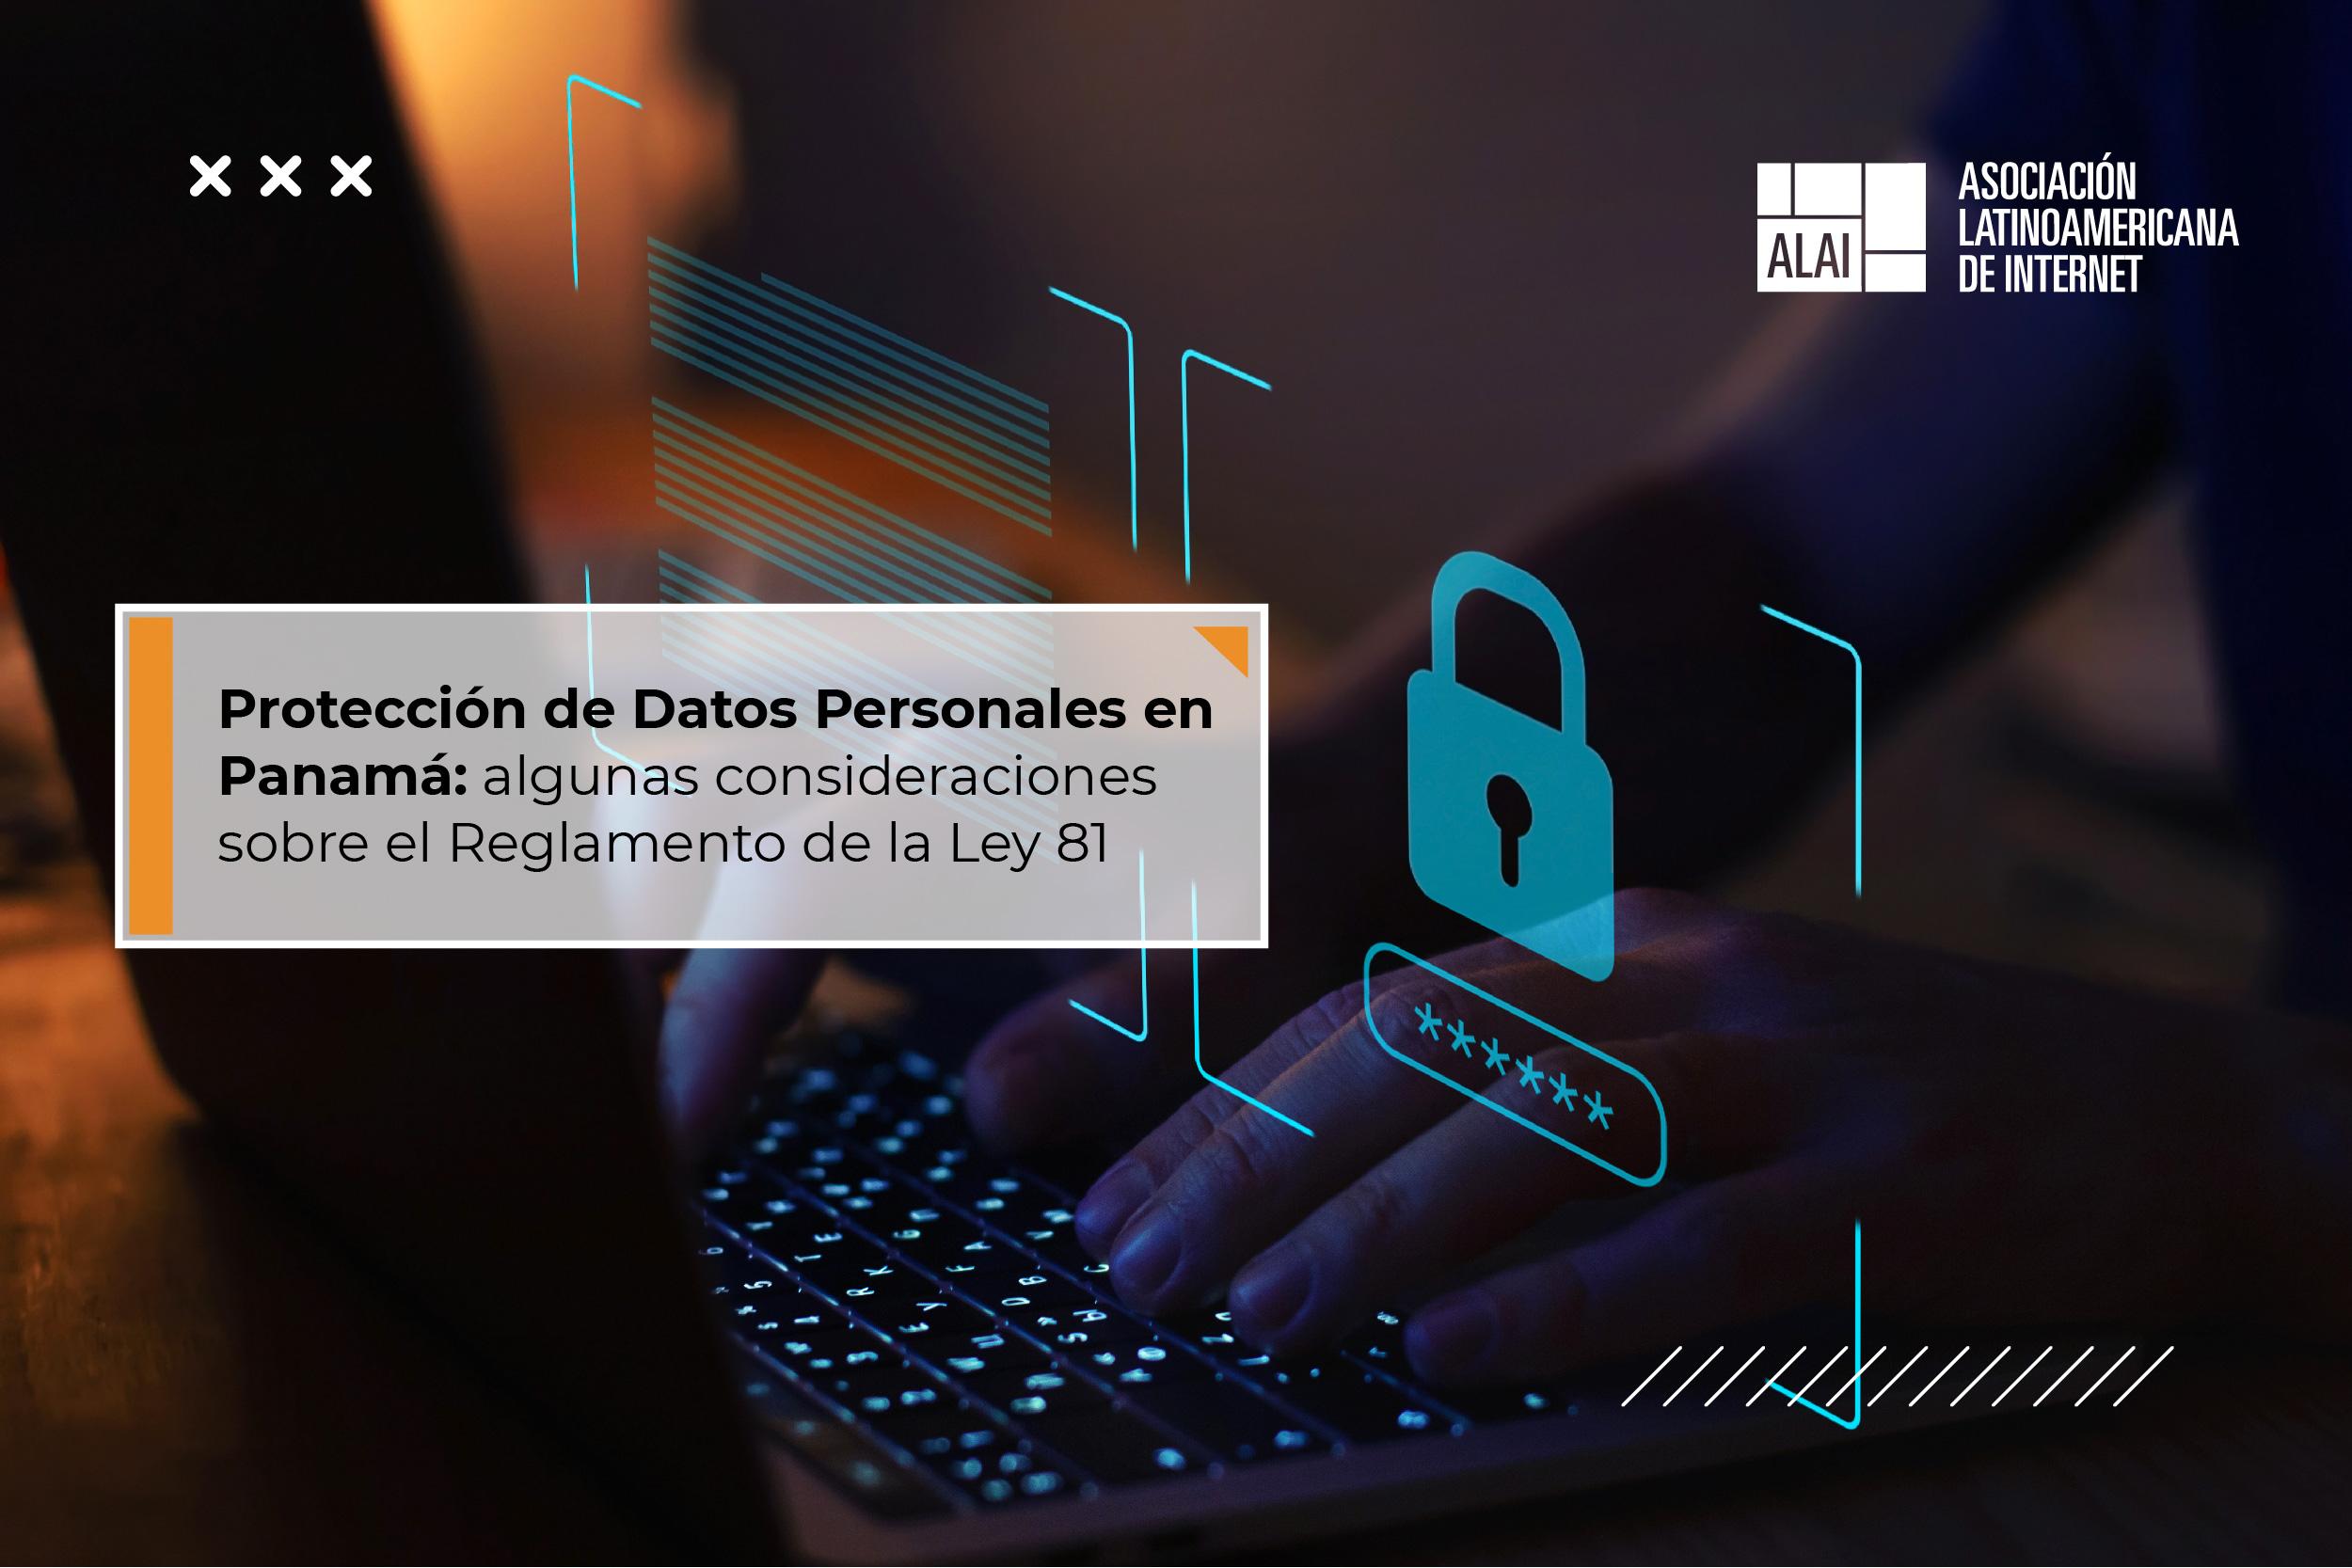 Protección de Datos Personales en Panamá: algunas consideraciones sobre el Reglamento de la Ley 81